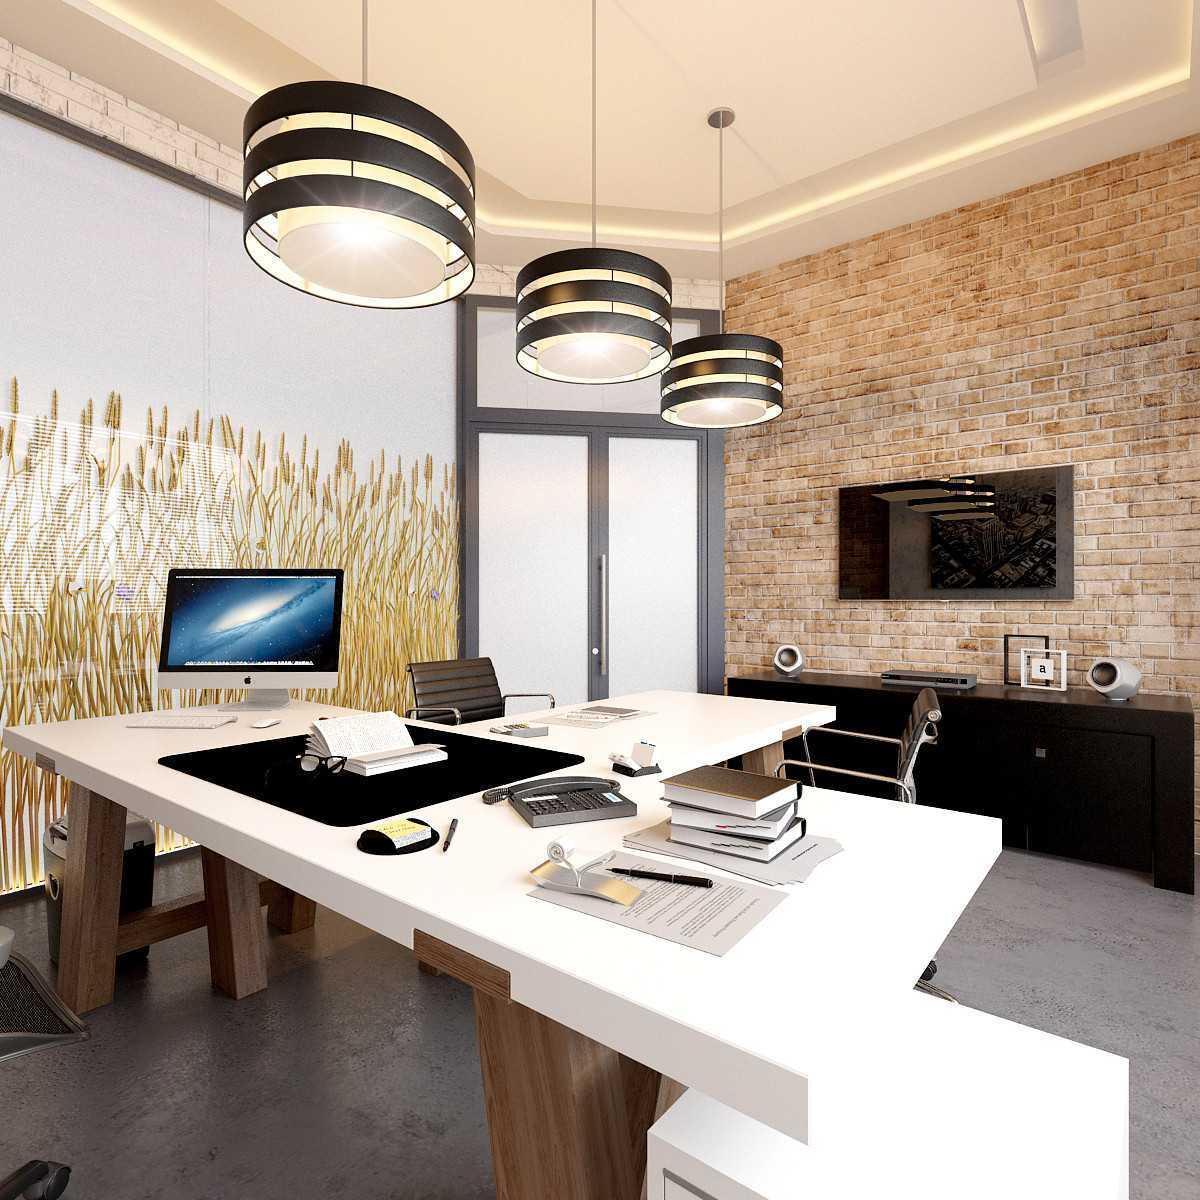 Jr Design Soho Grogol, Grogol Petamburan, West Jakarta City, Jakarta, Indonesia Grogol, Grogol Petamburan, West Jakarta City, Jakarta, Indonesia Img9872 Industrial  32108